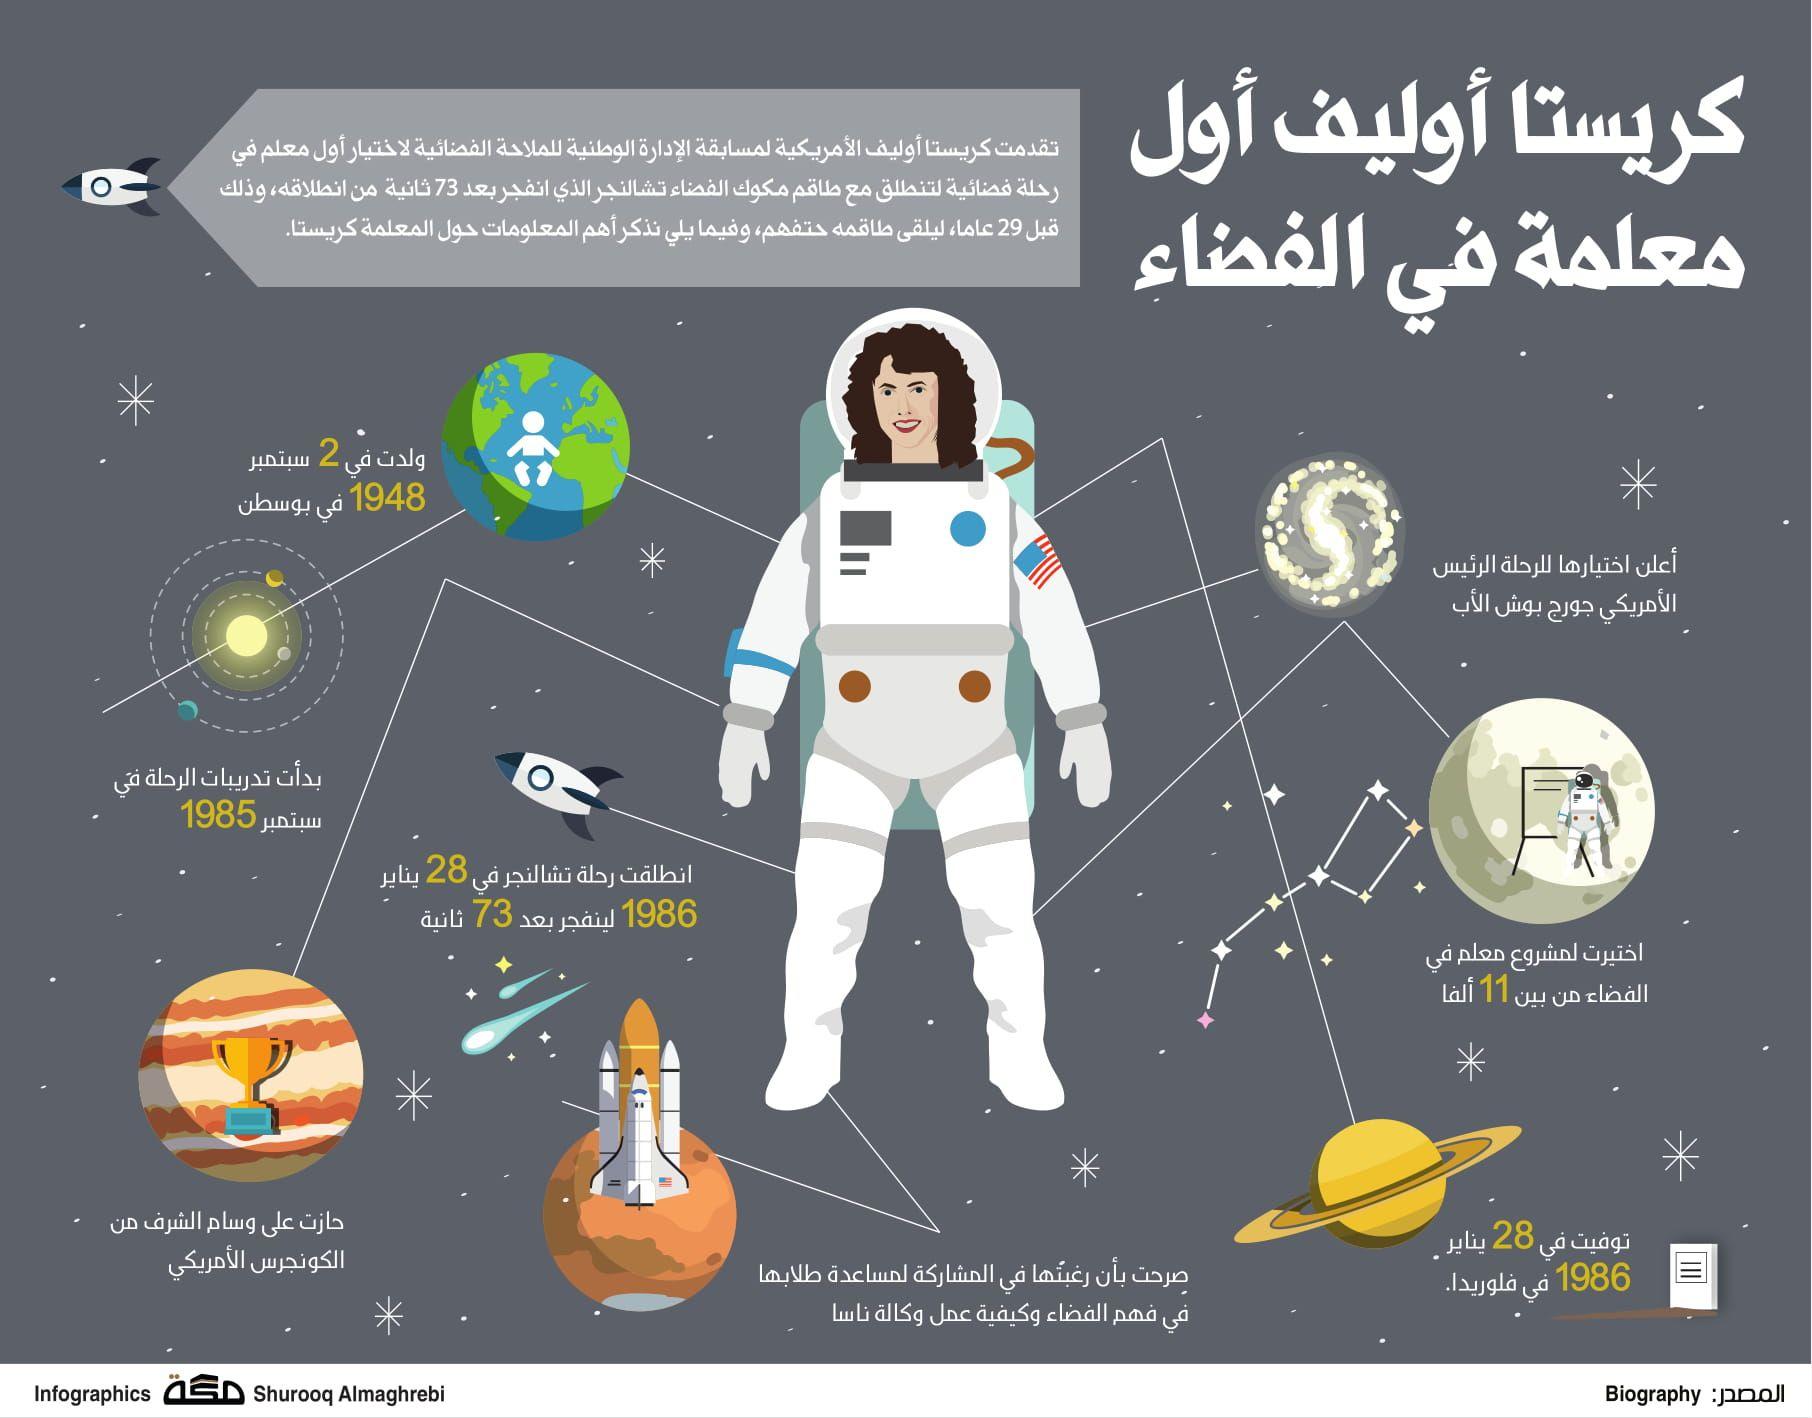 كريستا أوليف أول معلمة في الفضاء صحيفة مكة انفوجرافيك صحة Map Infographic Map Screenshot